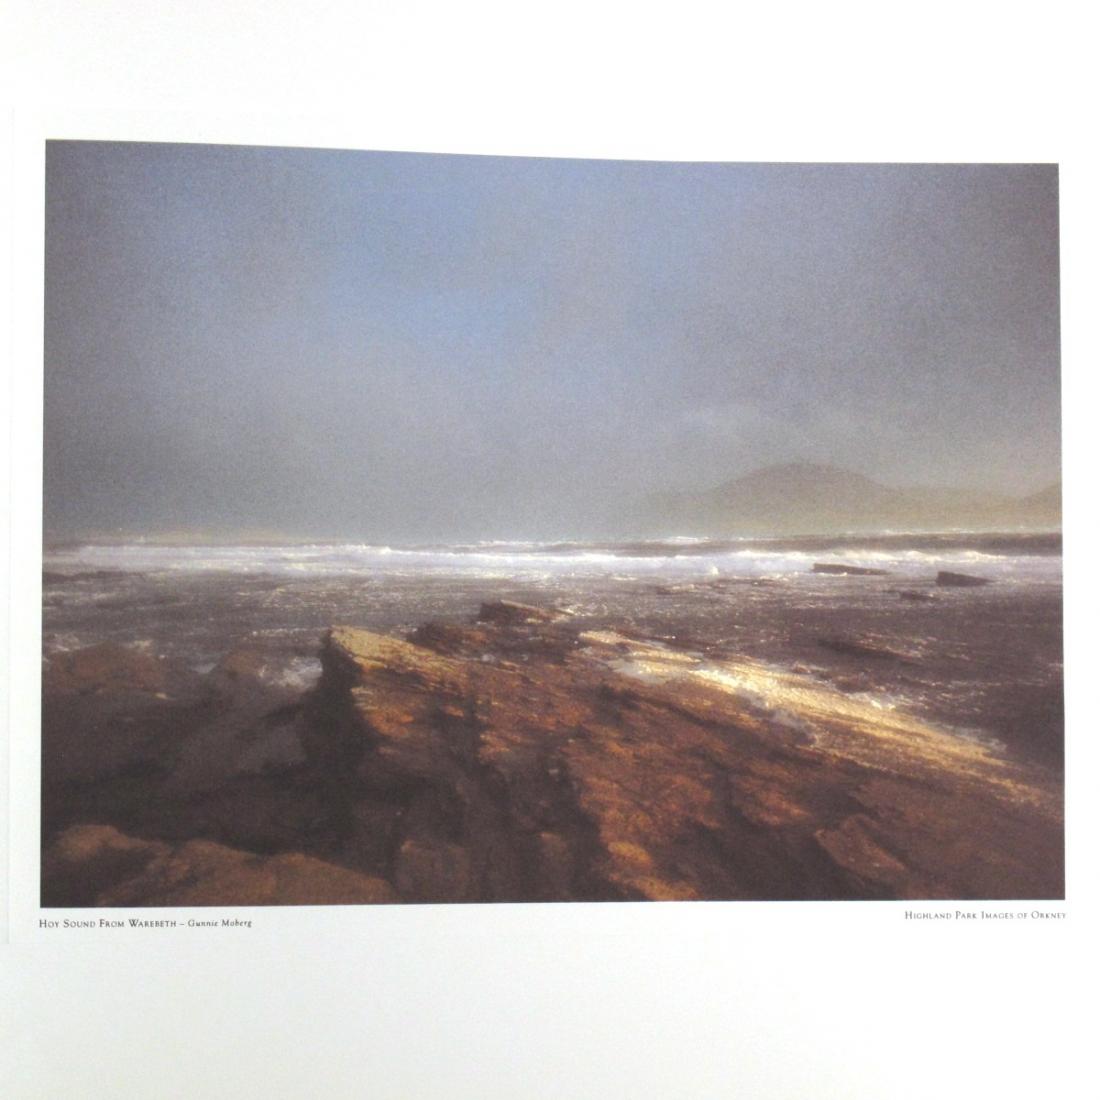 Highland Park Images of Orkney Prints